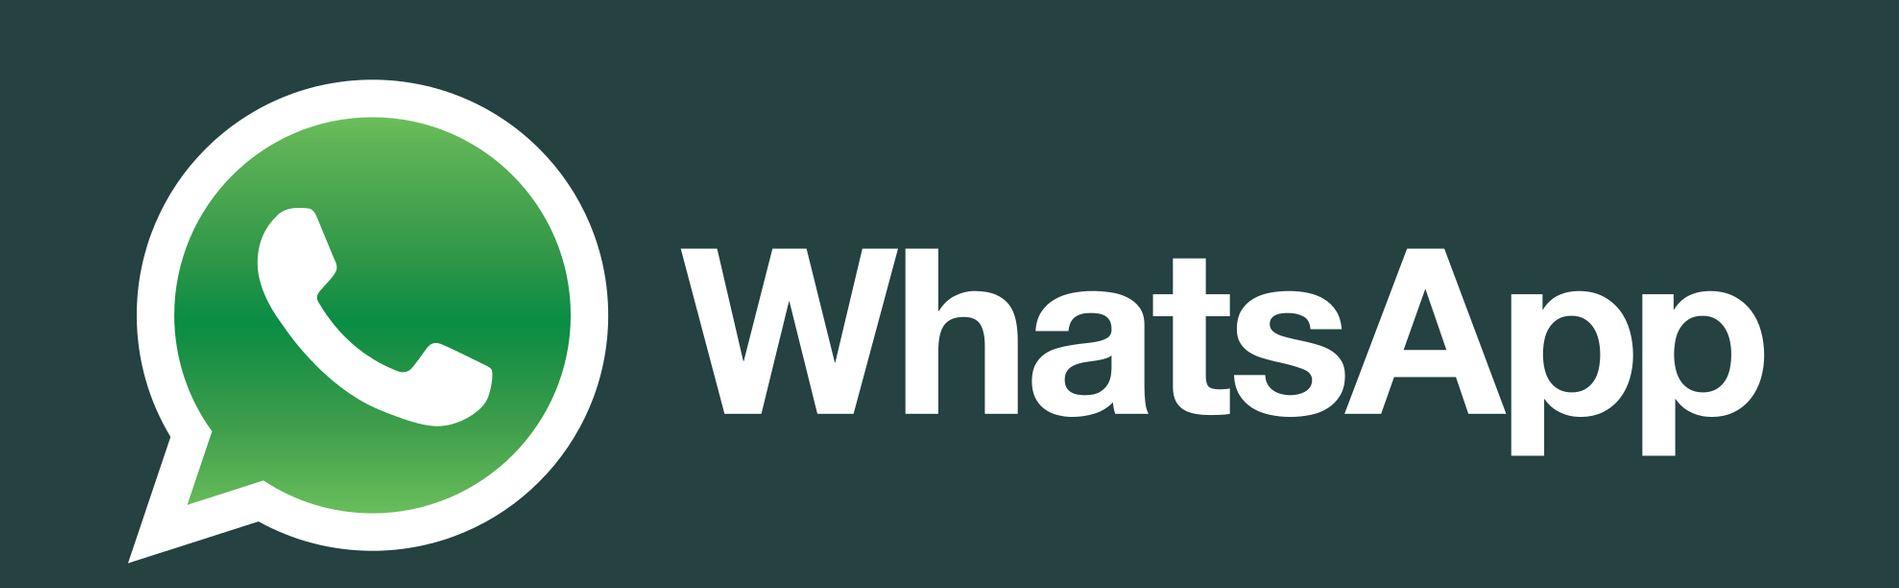 Whatsapp Risiken Und Gefahren Whatsapp Sammelt Daten Und Hört Mit